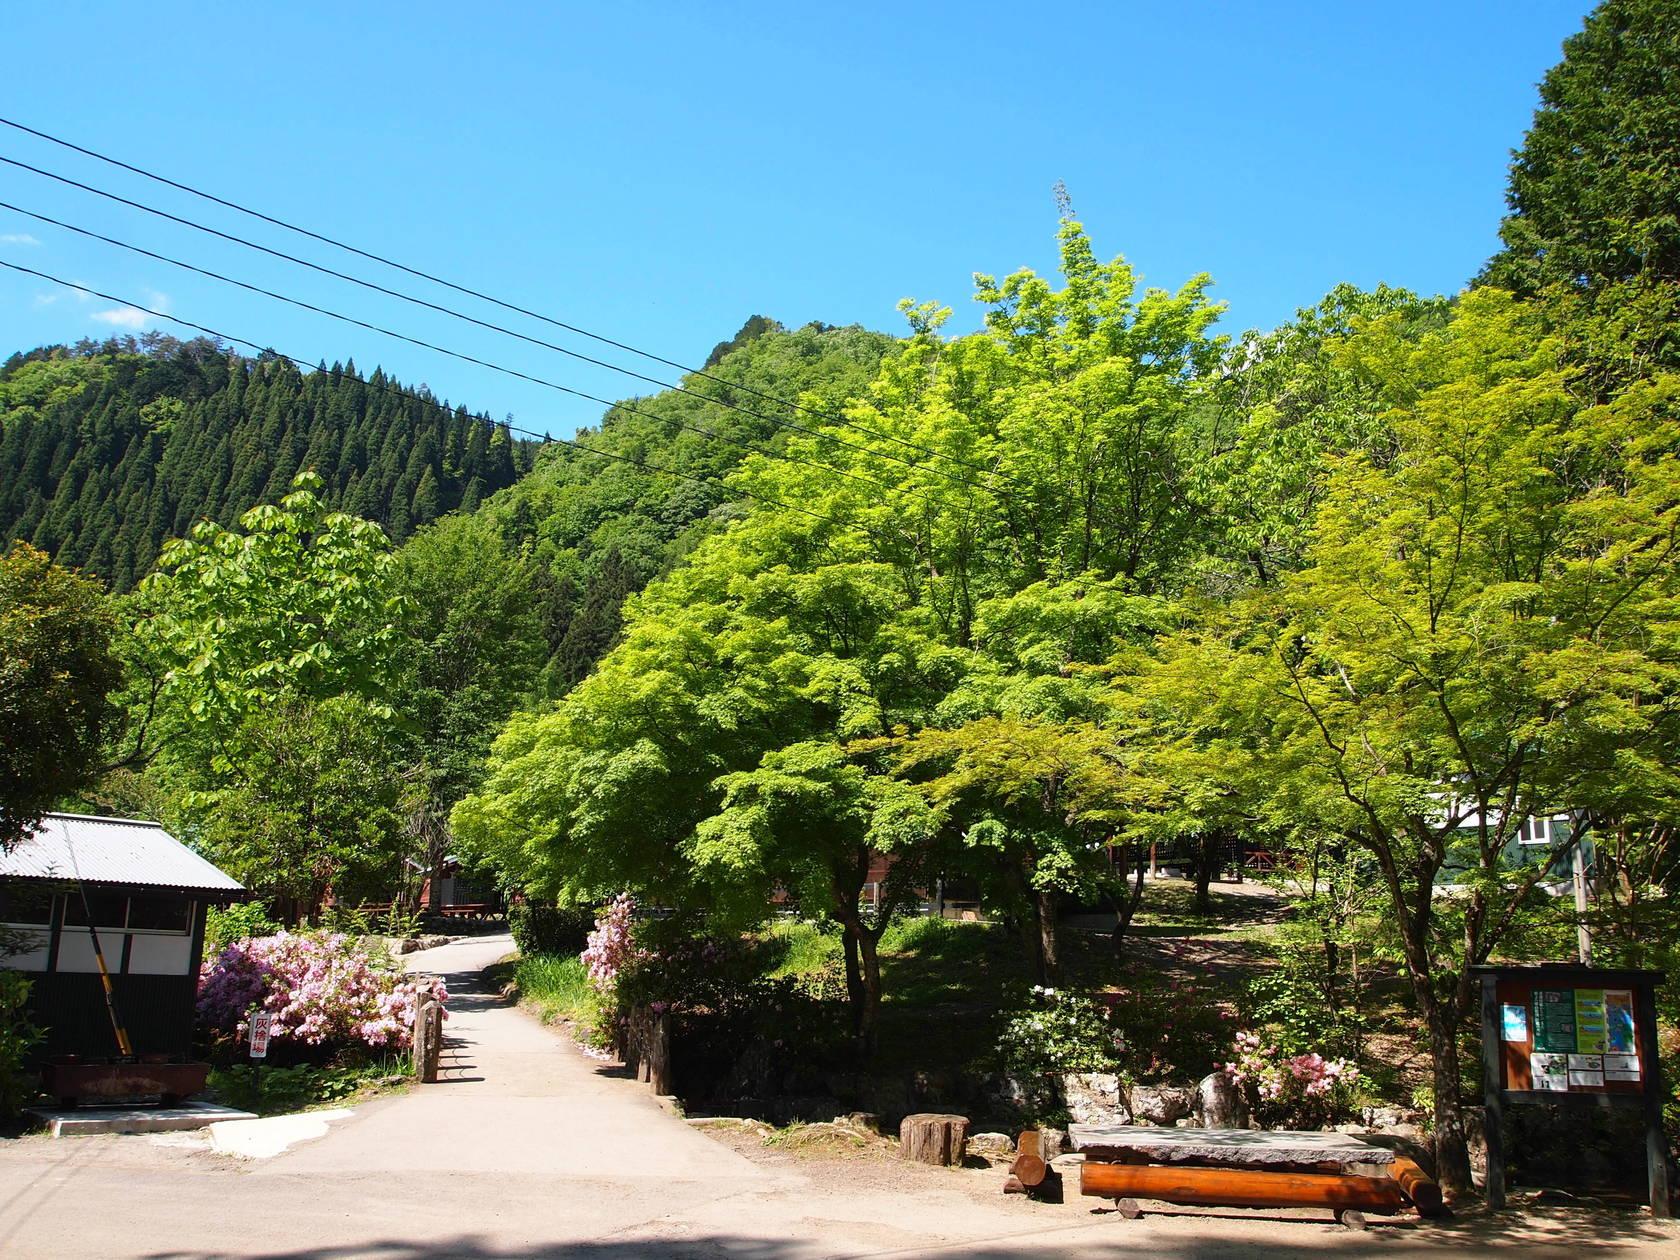 キャンプ場の広場や景色など(宿泊施設を除く広場・施設の貸出) の写真